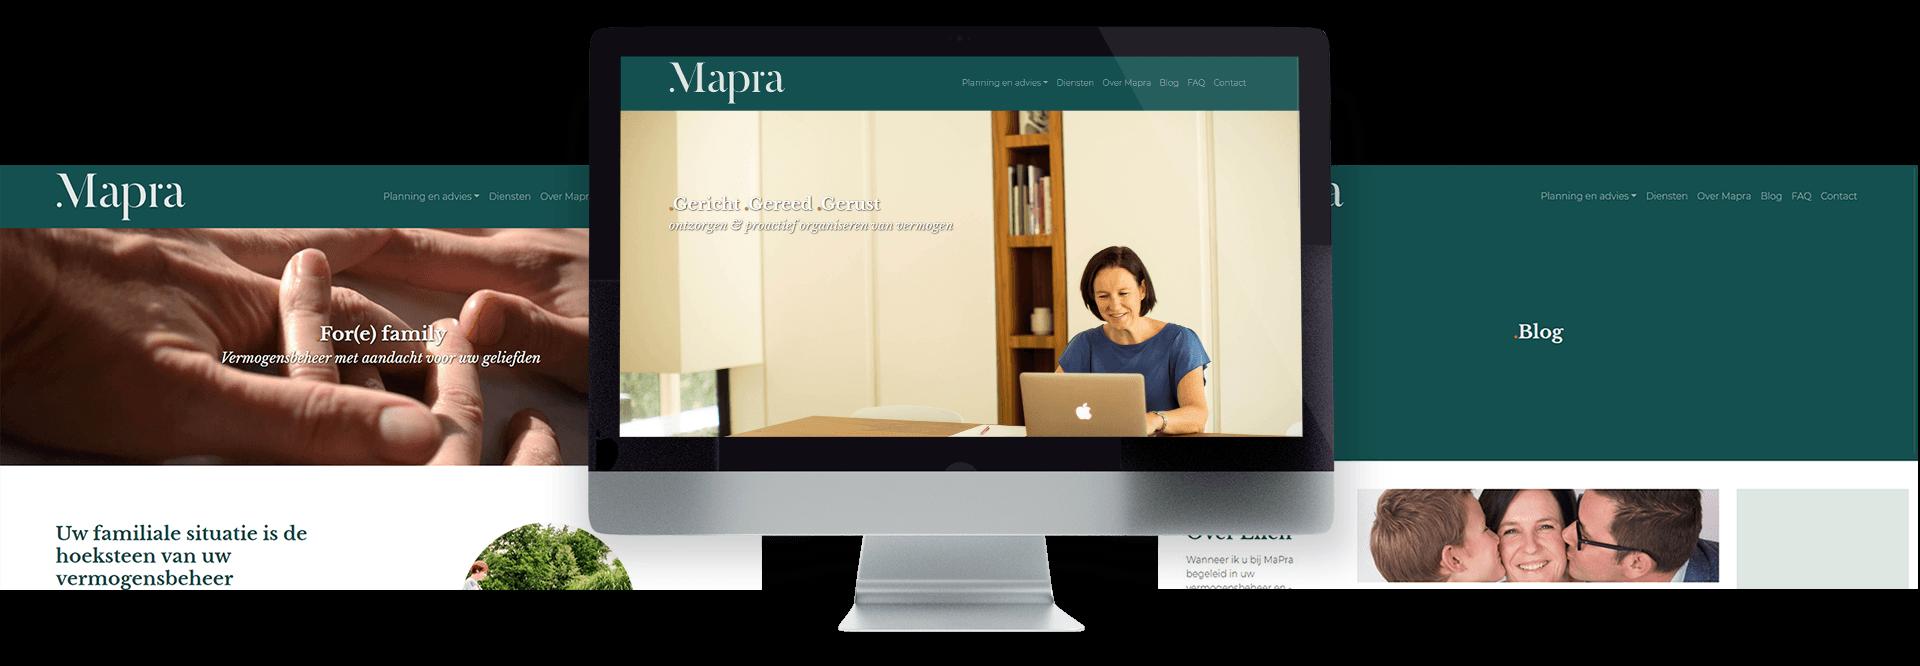 moderne website voor Ellen Maris van vermogensplanner MaPra